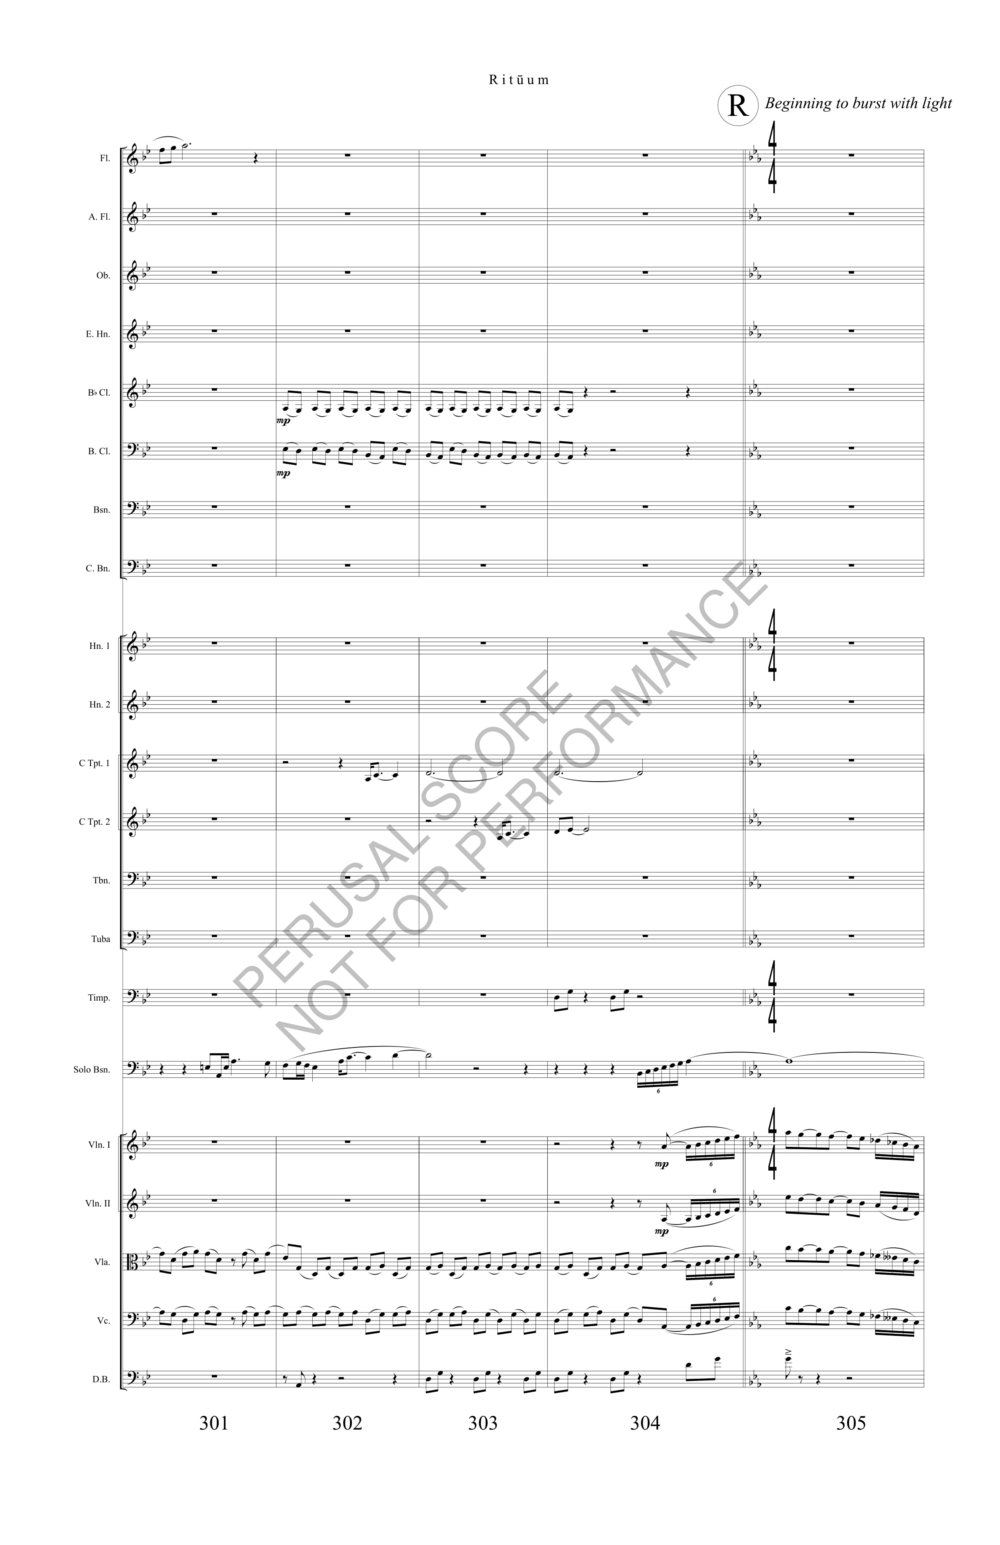 Boyd Rituum Score-watermark (1)-69.jpg